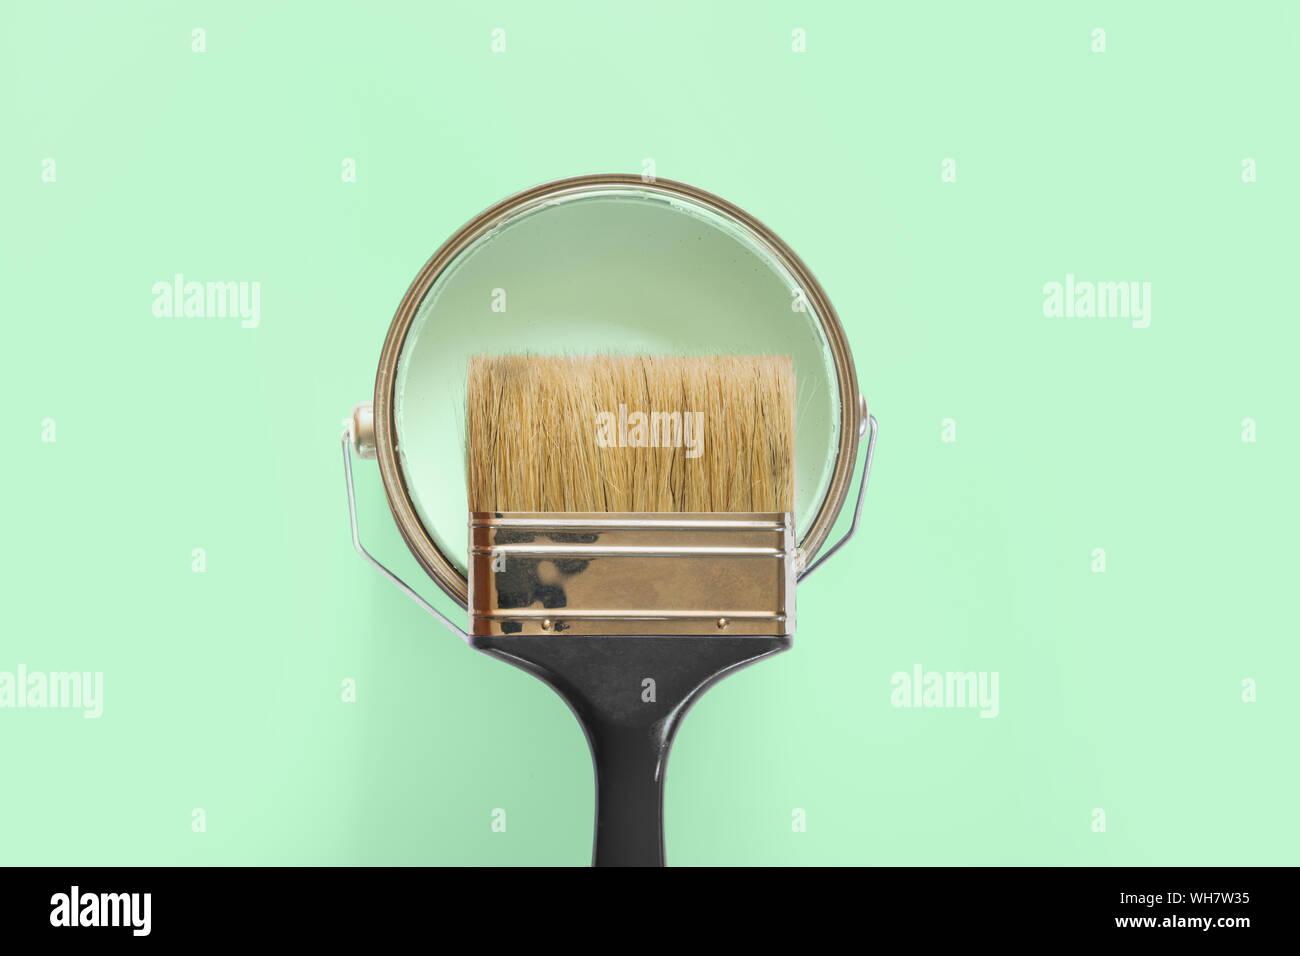 Avec brosse noir peut ouvrir de menthe Peinture sur fond de menthe neo. Les réparations de tendances concept. Banque D'Images